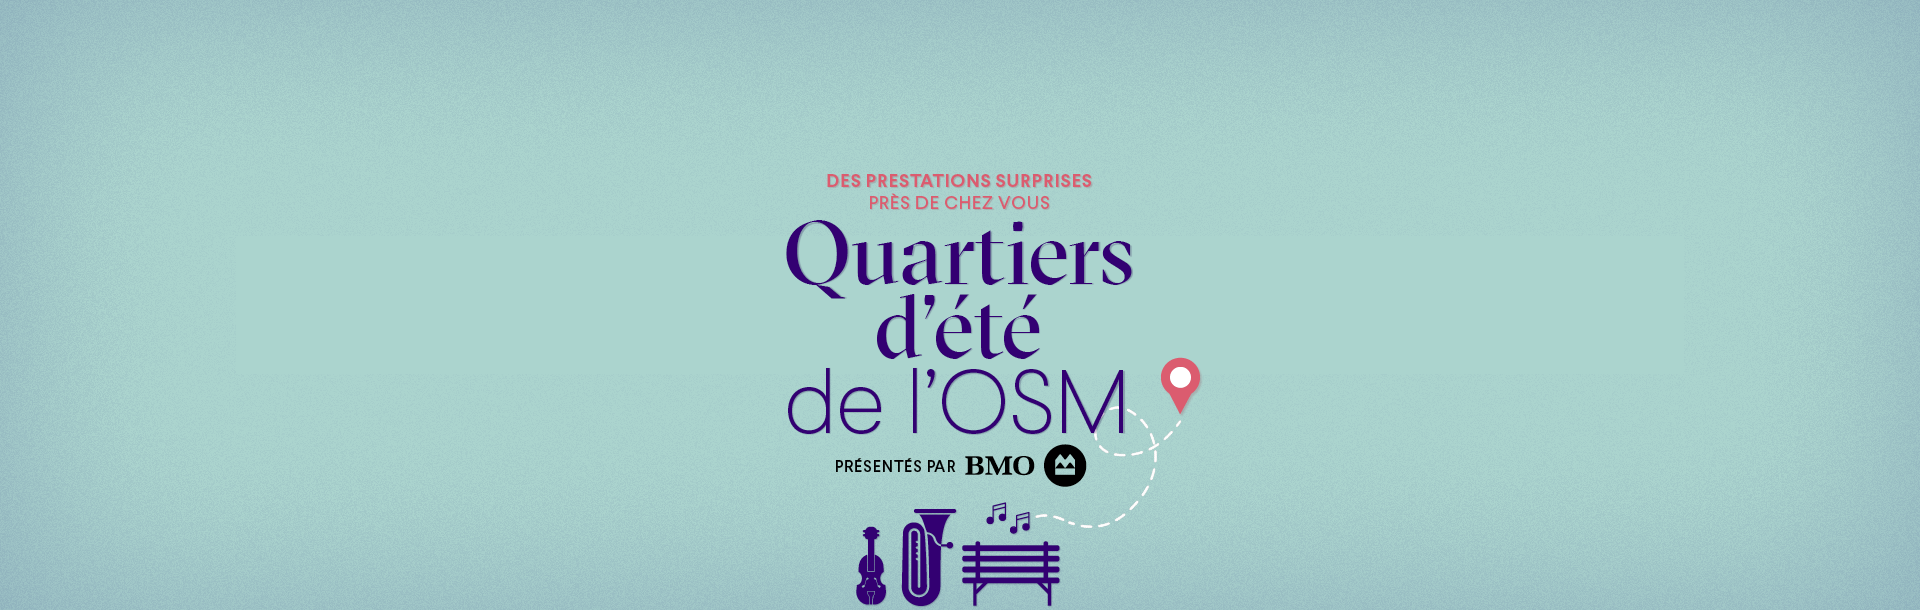 QuartiersEte_FR-OSM